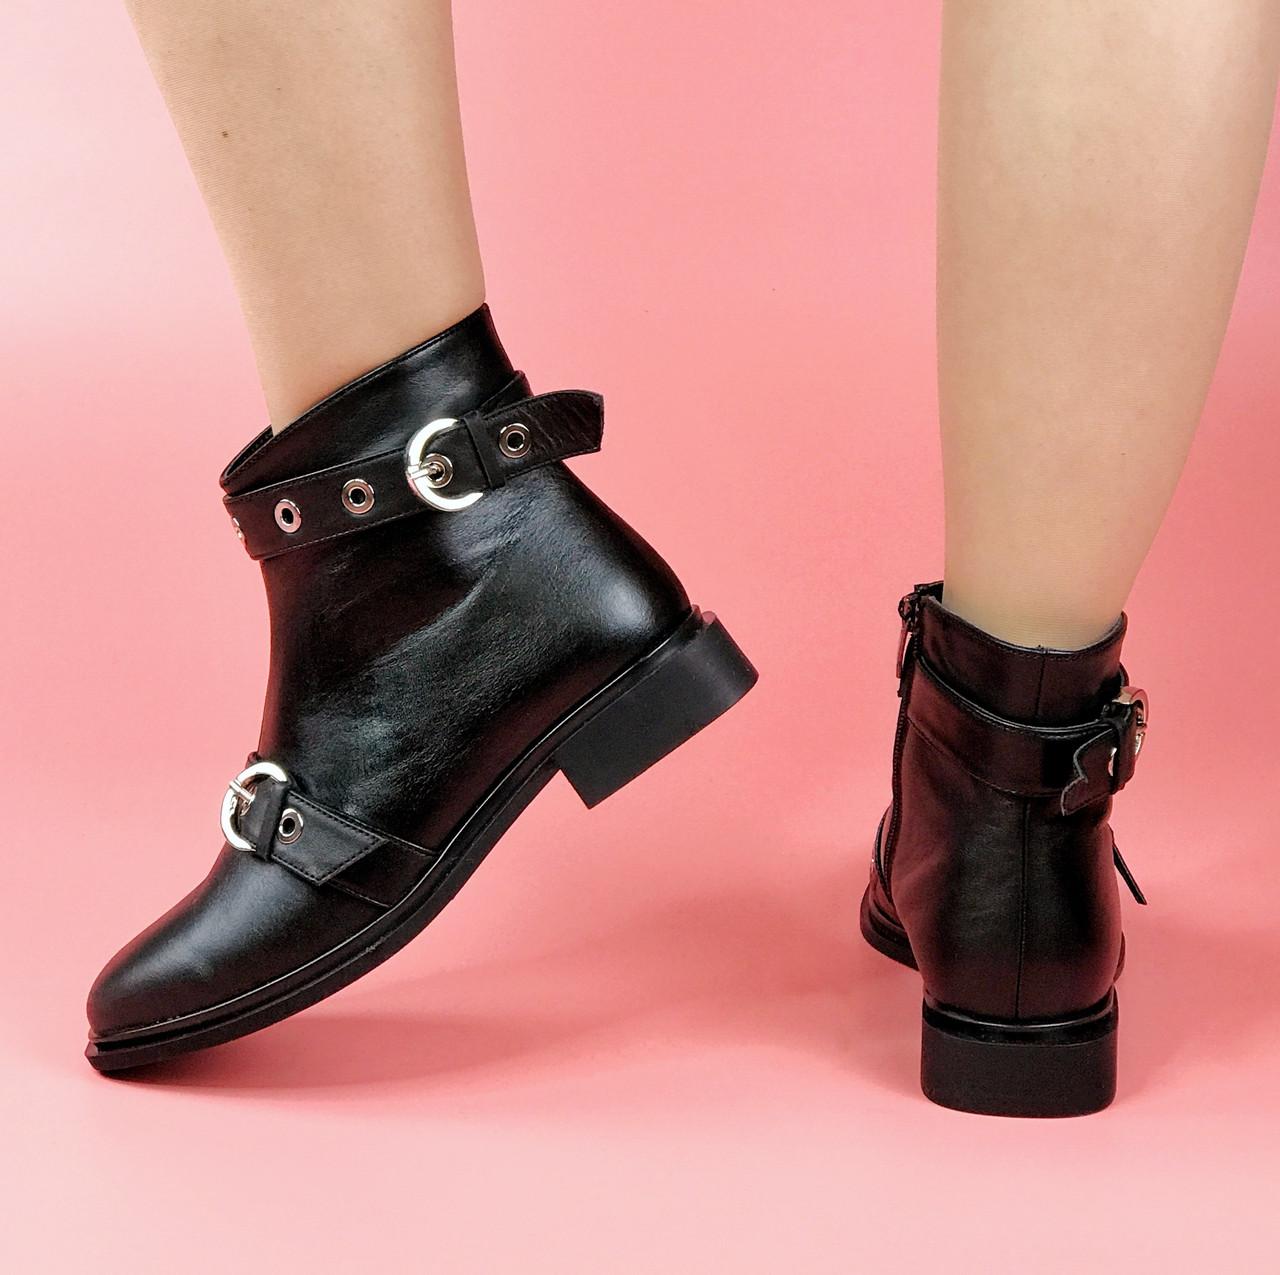 Жіночі черевики KA-224/0 MORENTO (чорні, нат. шкіра, байка, весна/осінь)